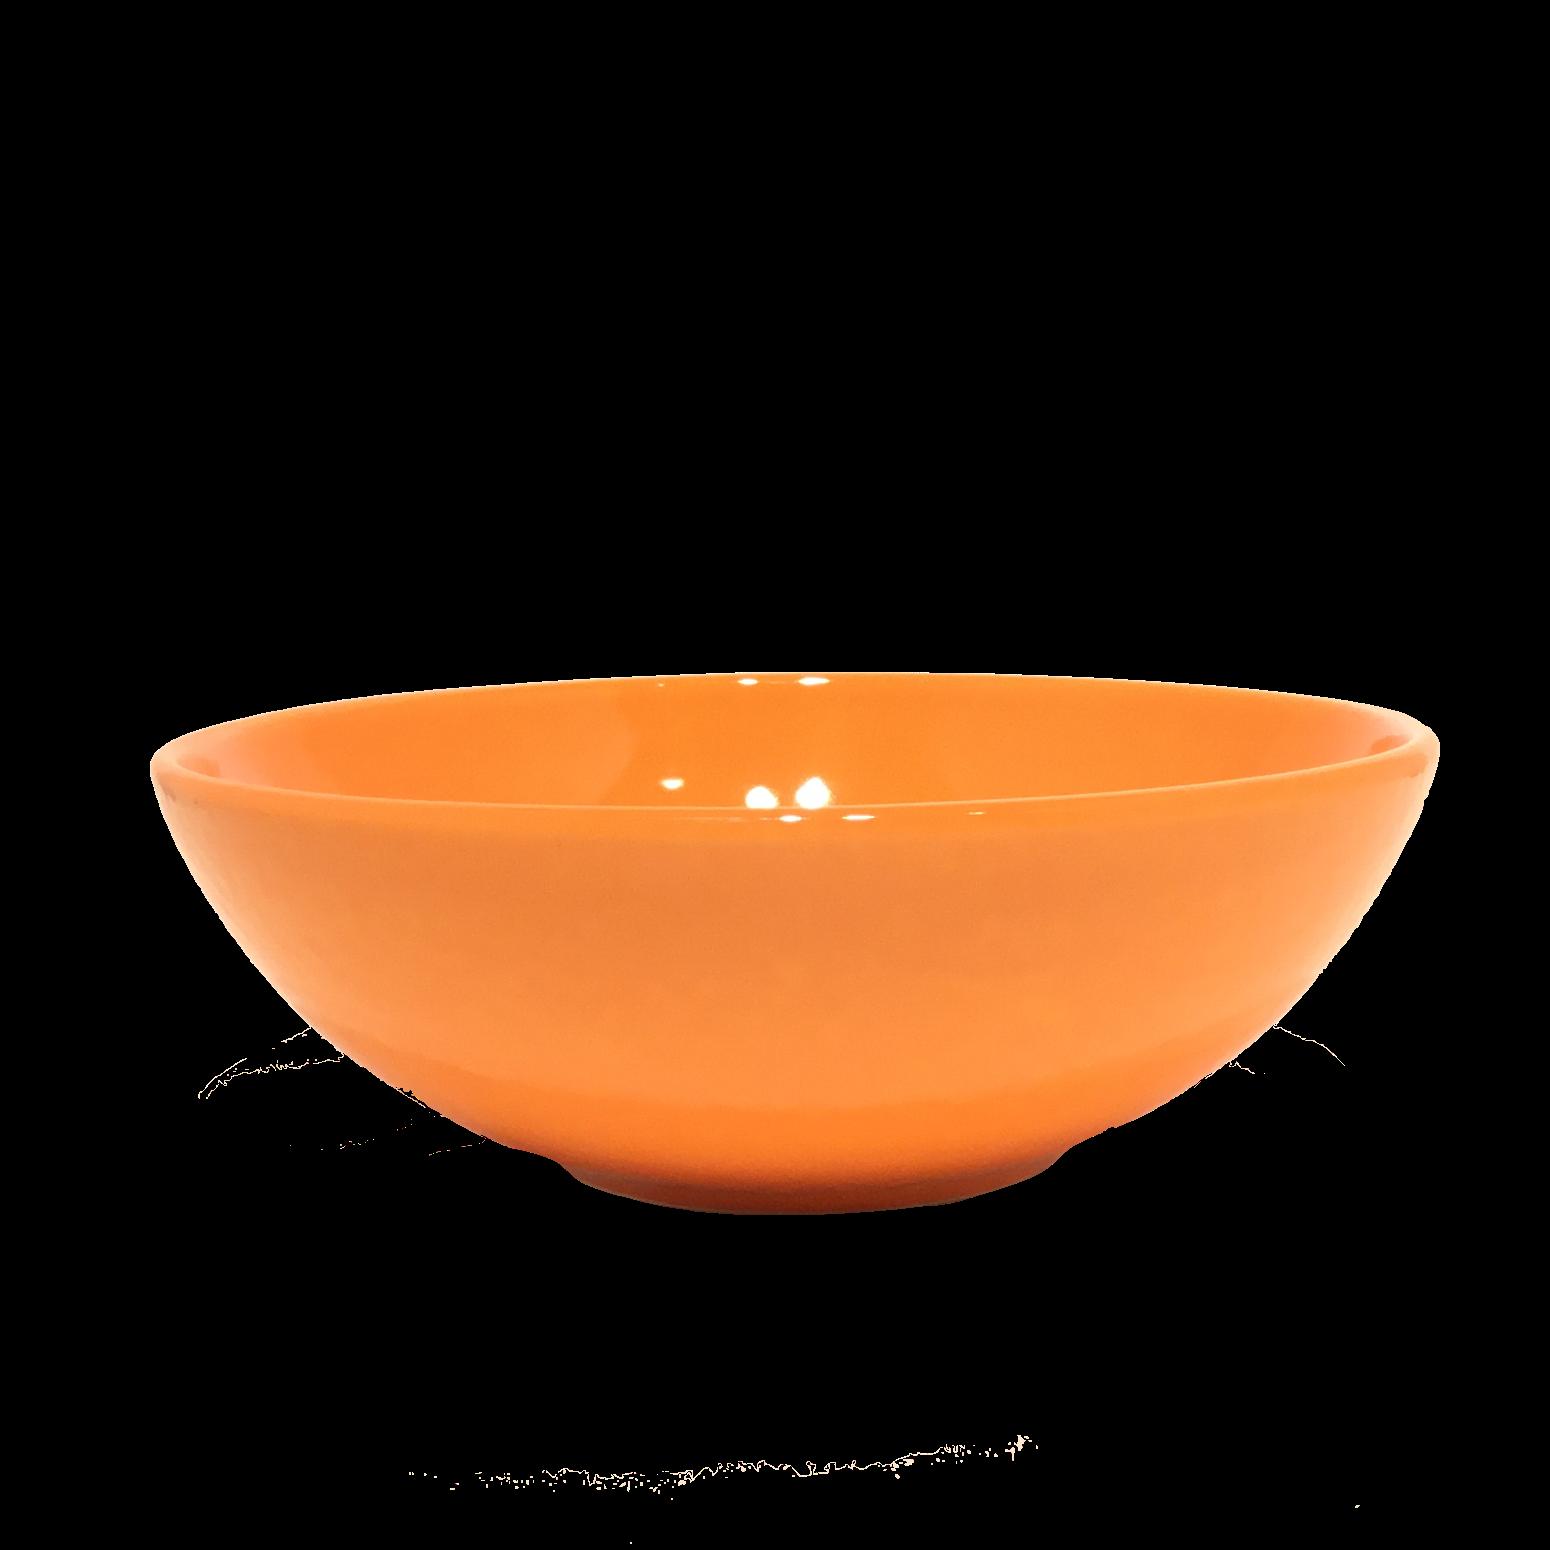 Calotte Coupe-6